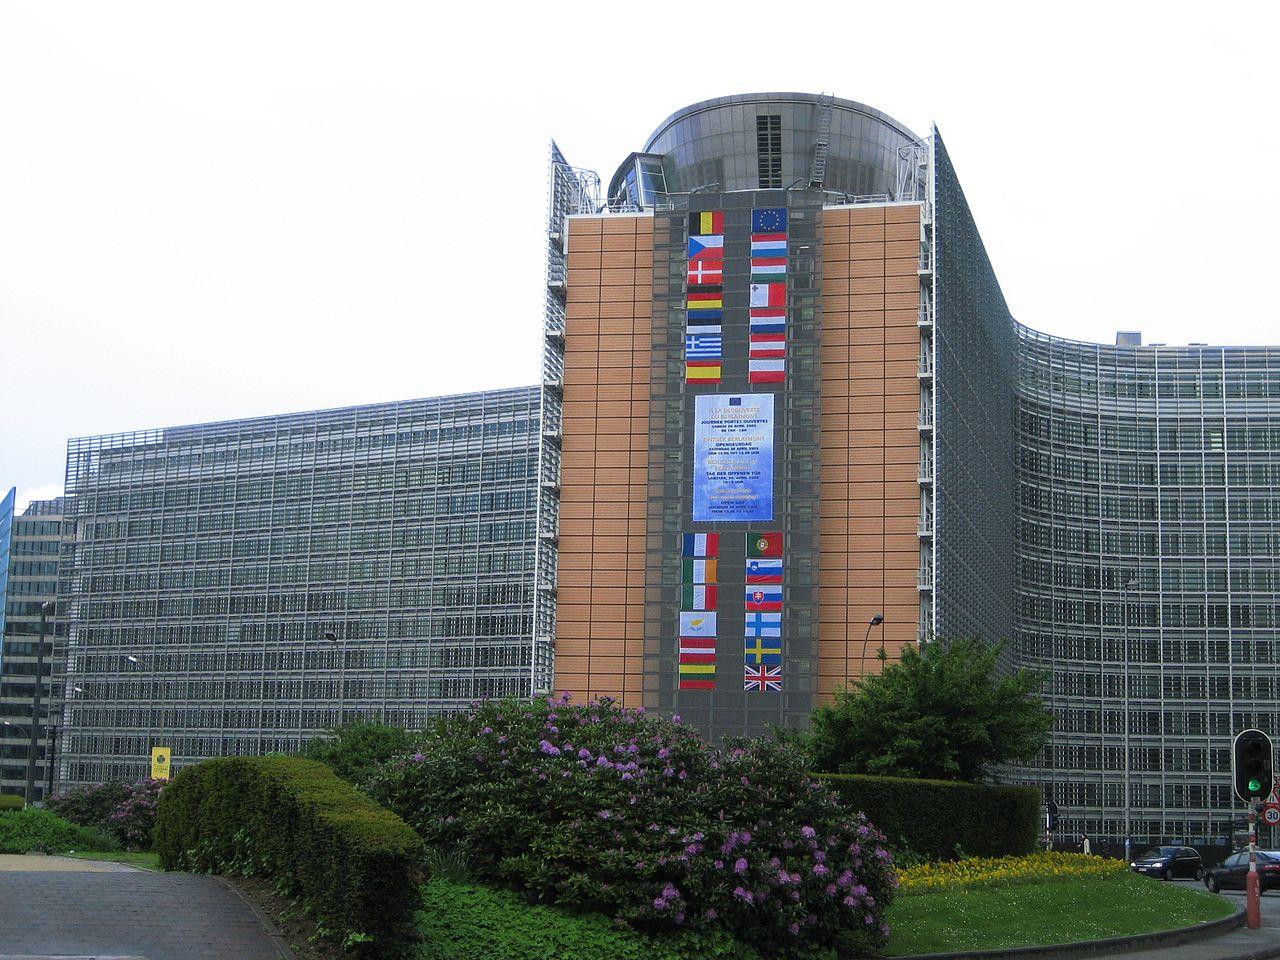 S rozmachem průmyslové revoluce se v Bruselu hodnota hodnota EPP vyšplhala na 36 %. Zda stejný boom nemanželských dětí sleduje i bruselská úřednická revoluce, studie neuvádí. Na obrázku je budovaBerlaymont, sídloEvropské komise. Autor: Zinneke, Wik